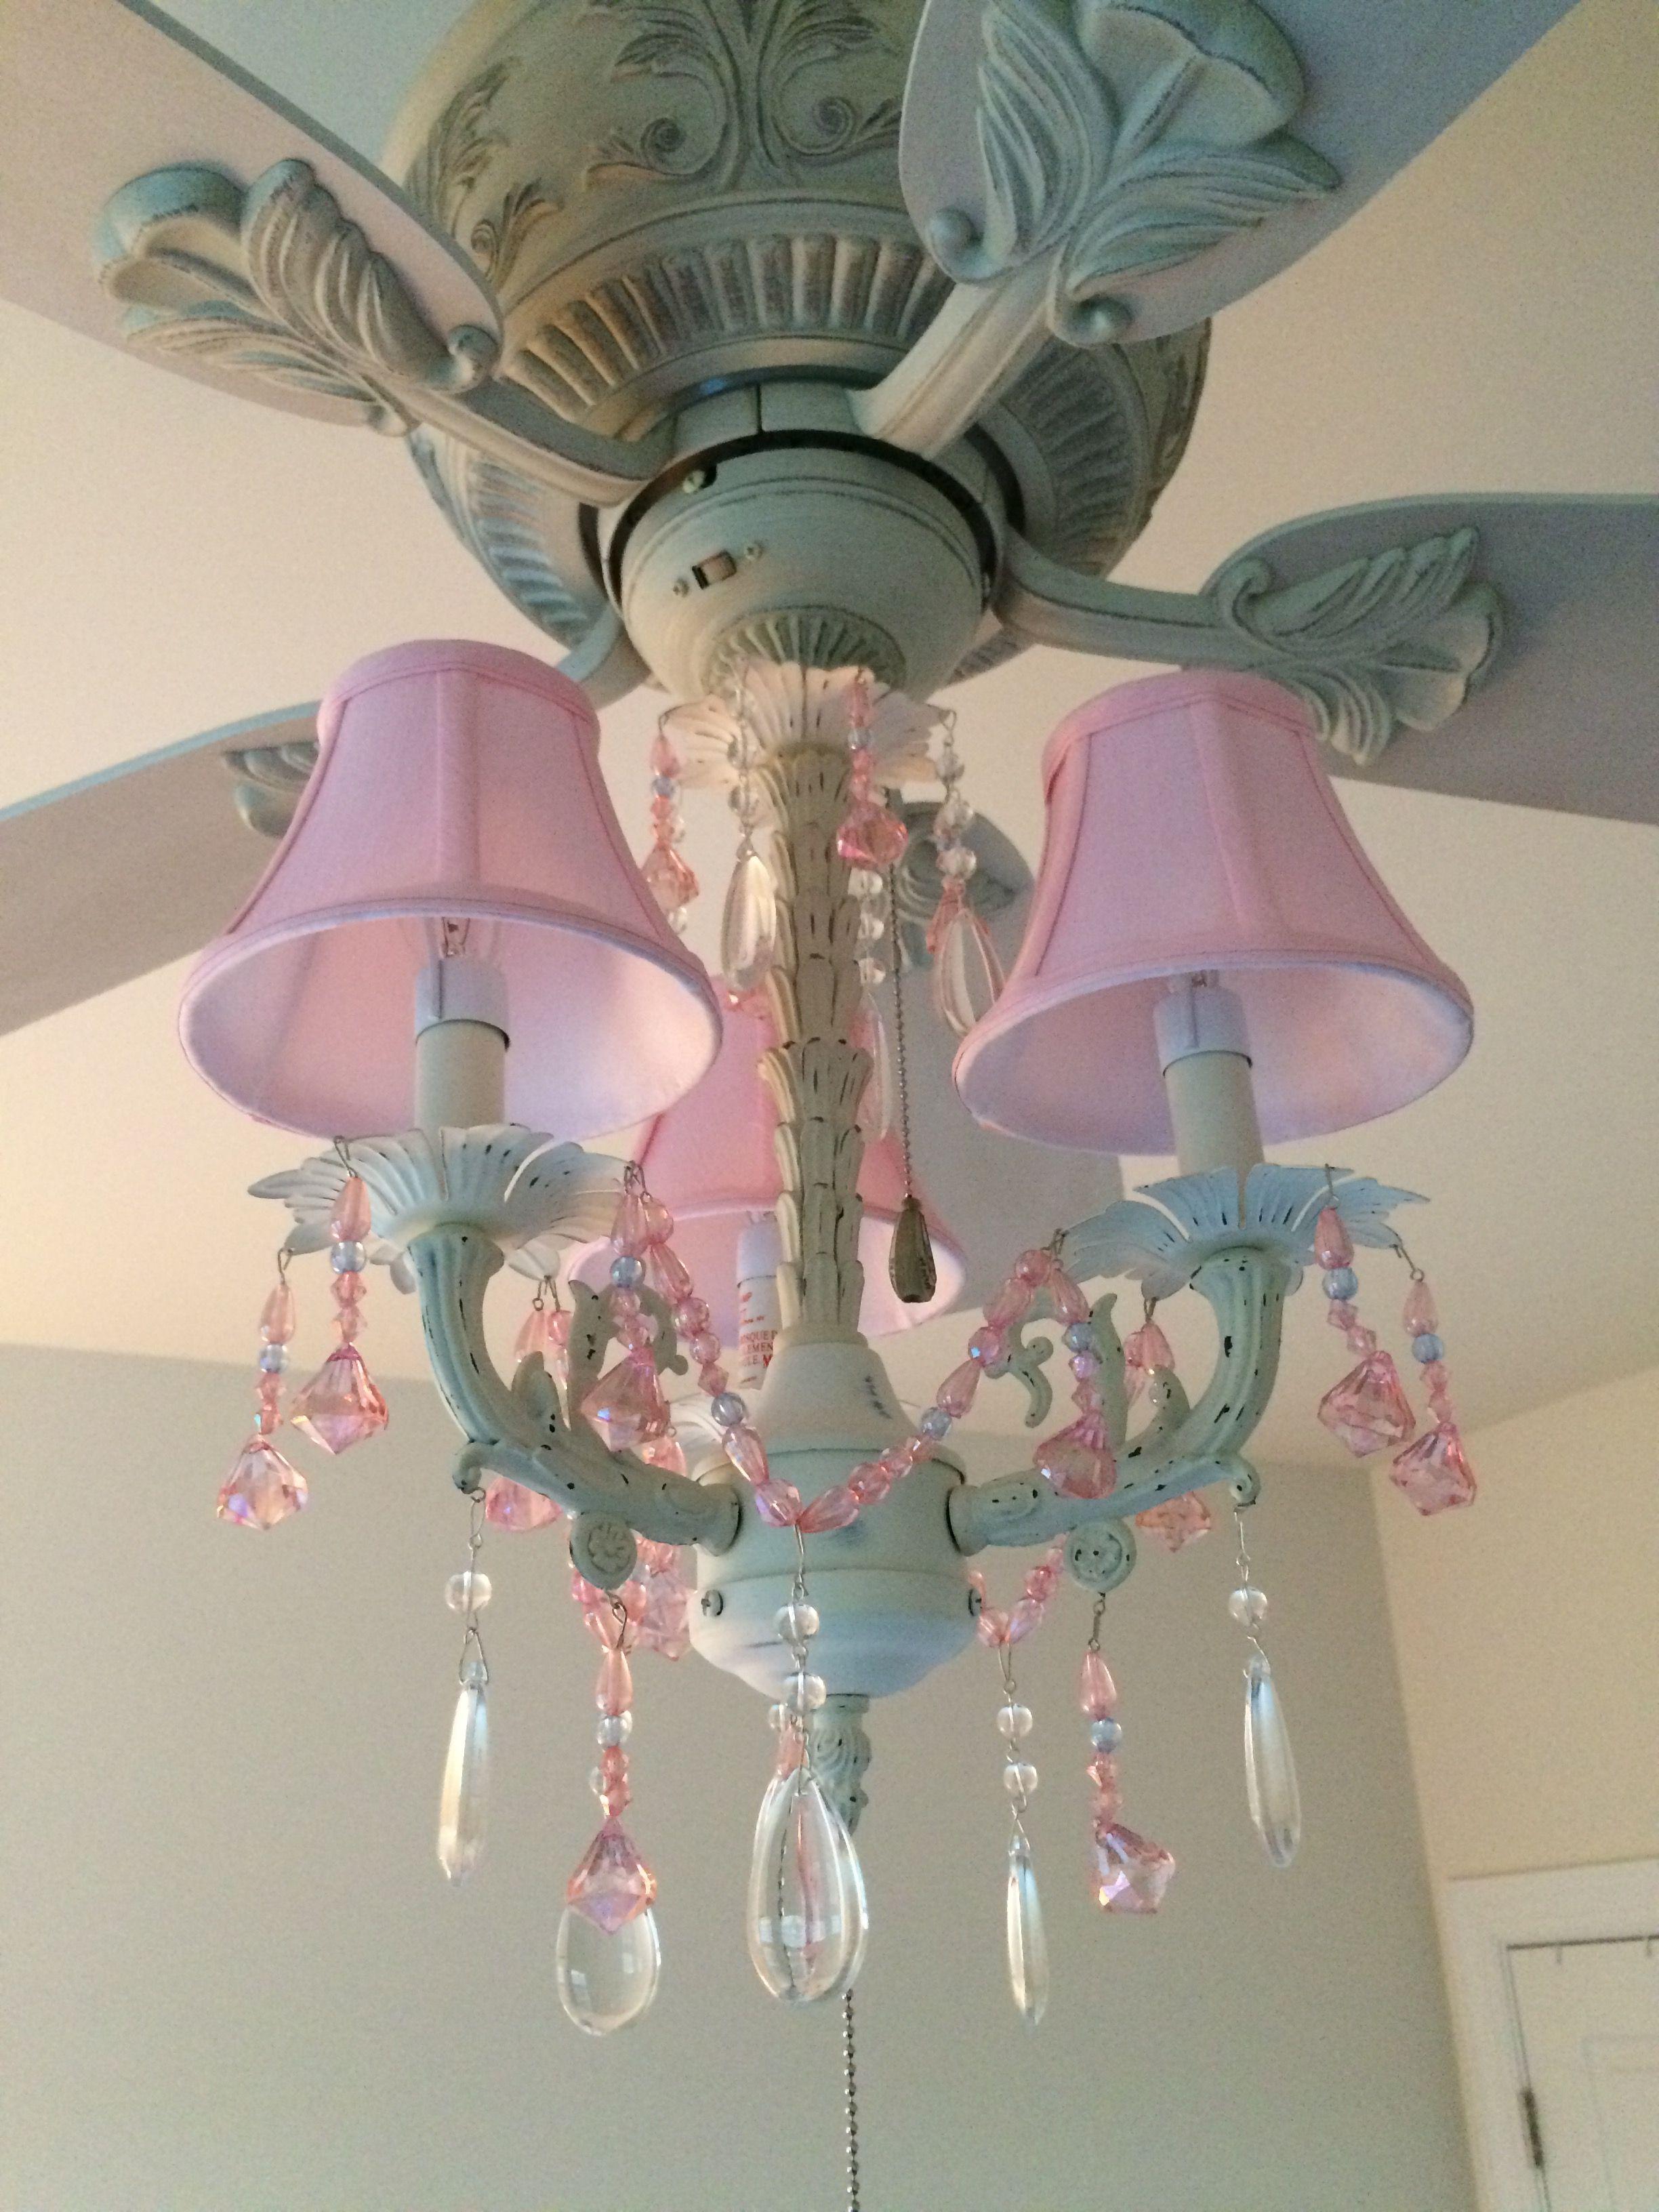 Best 25+ Pink ceiling fan ideas on Pinterest | Ceiling fan ...